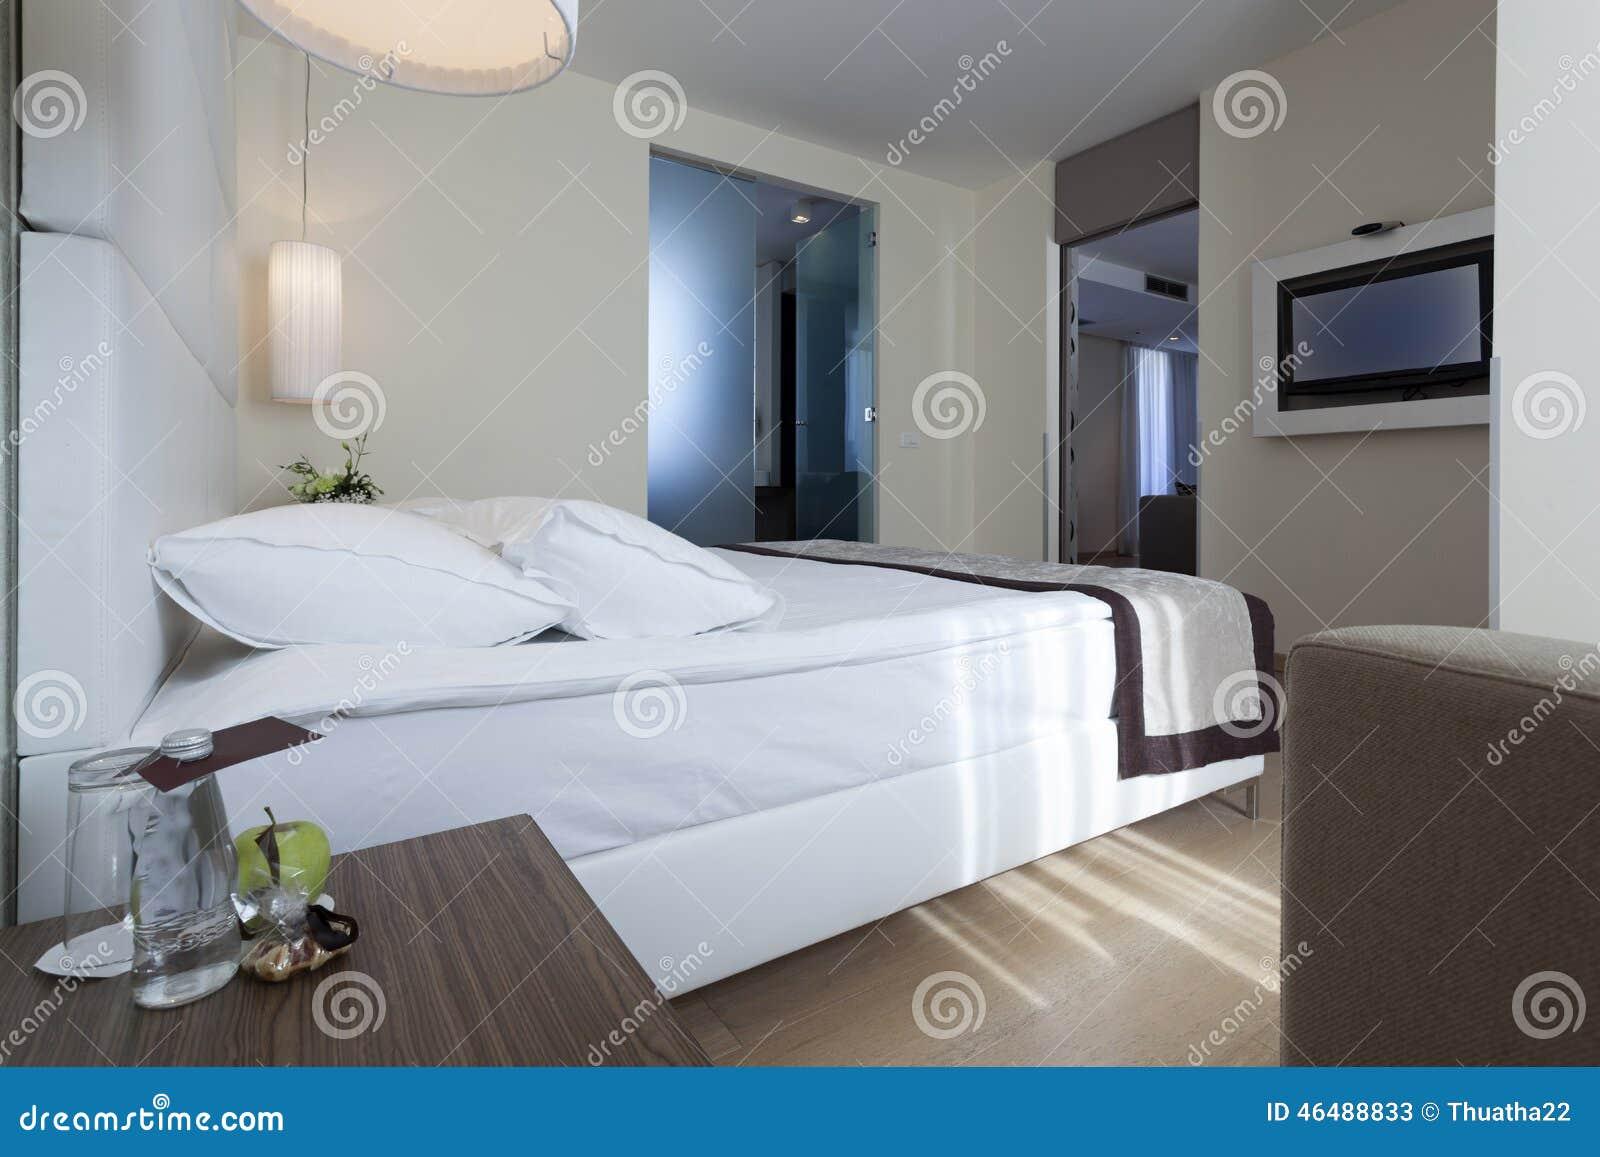 Interno di una camera da letto dell 39 albergo di lusso con - Camera con bagno ...